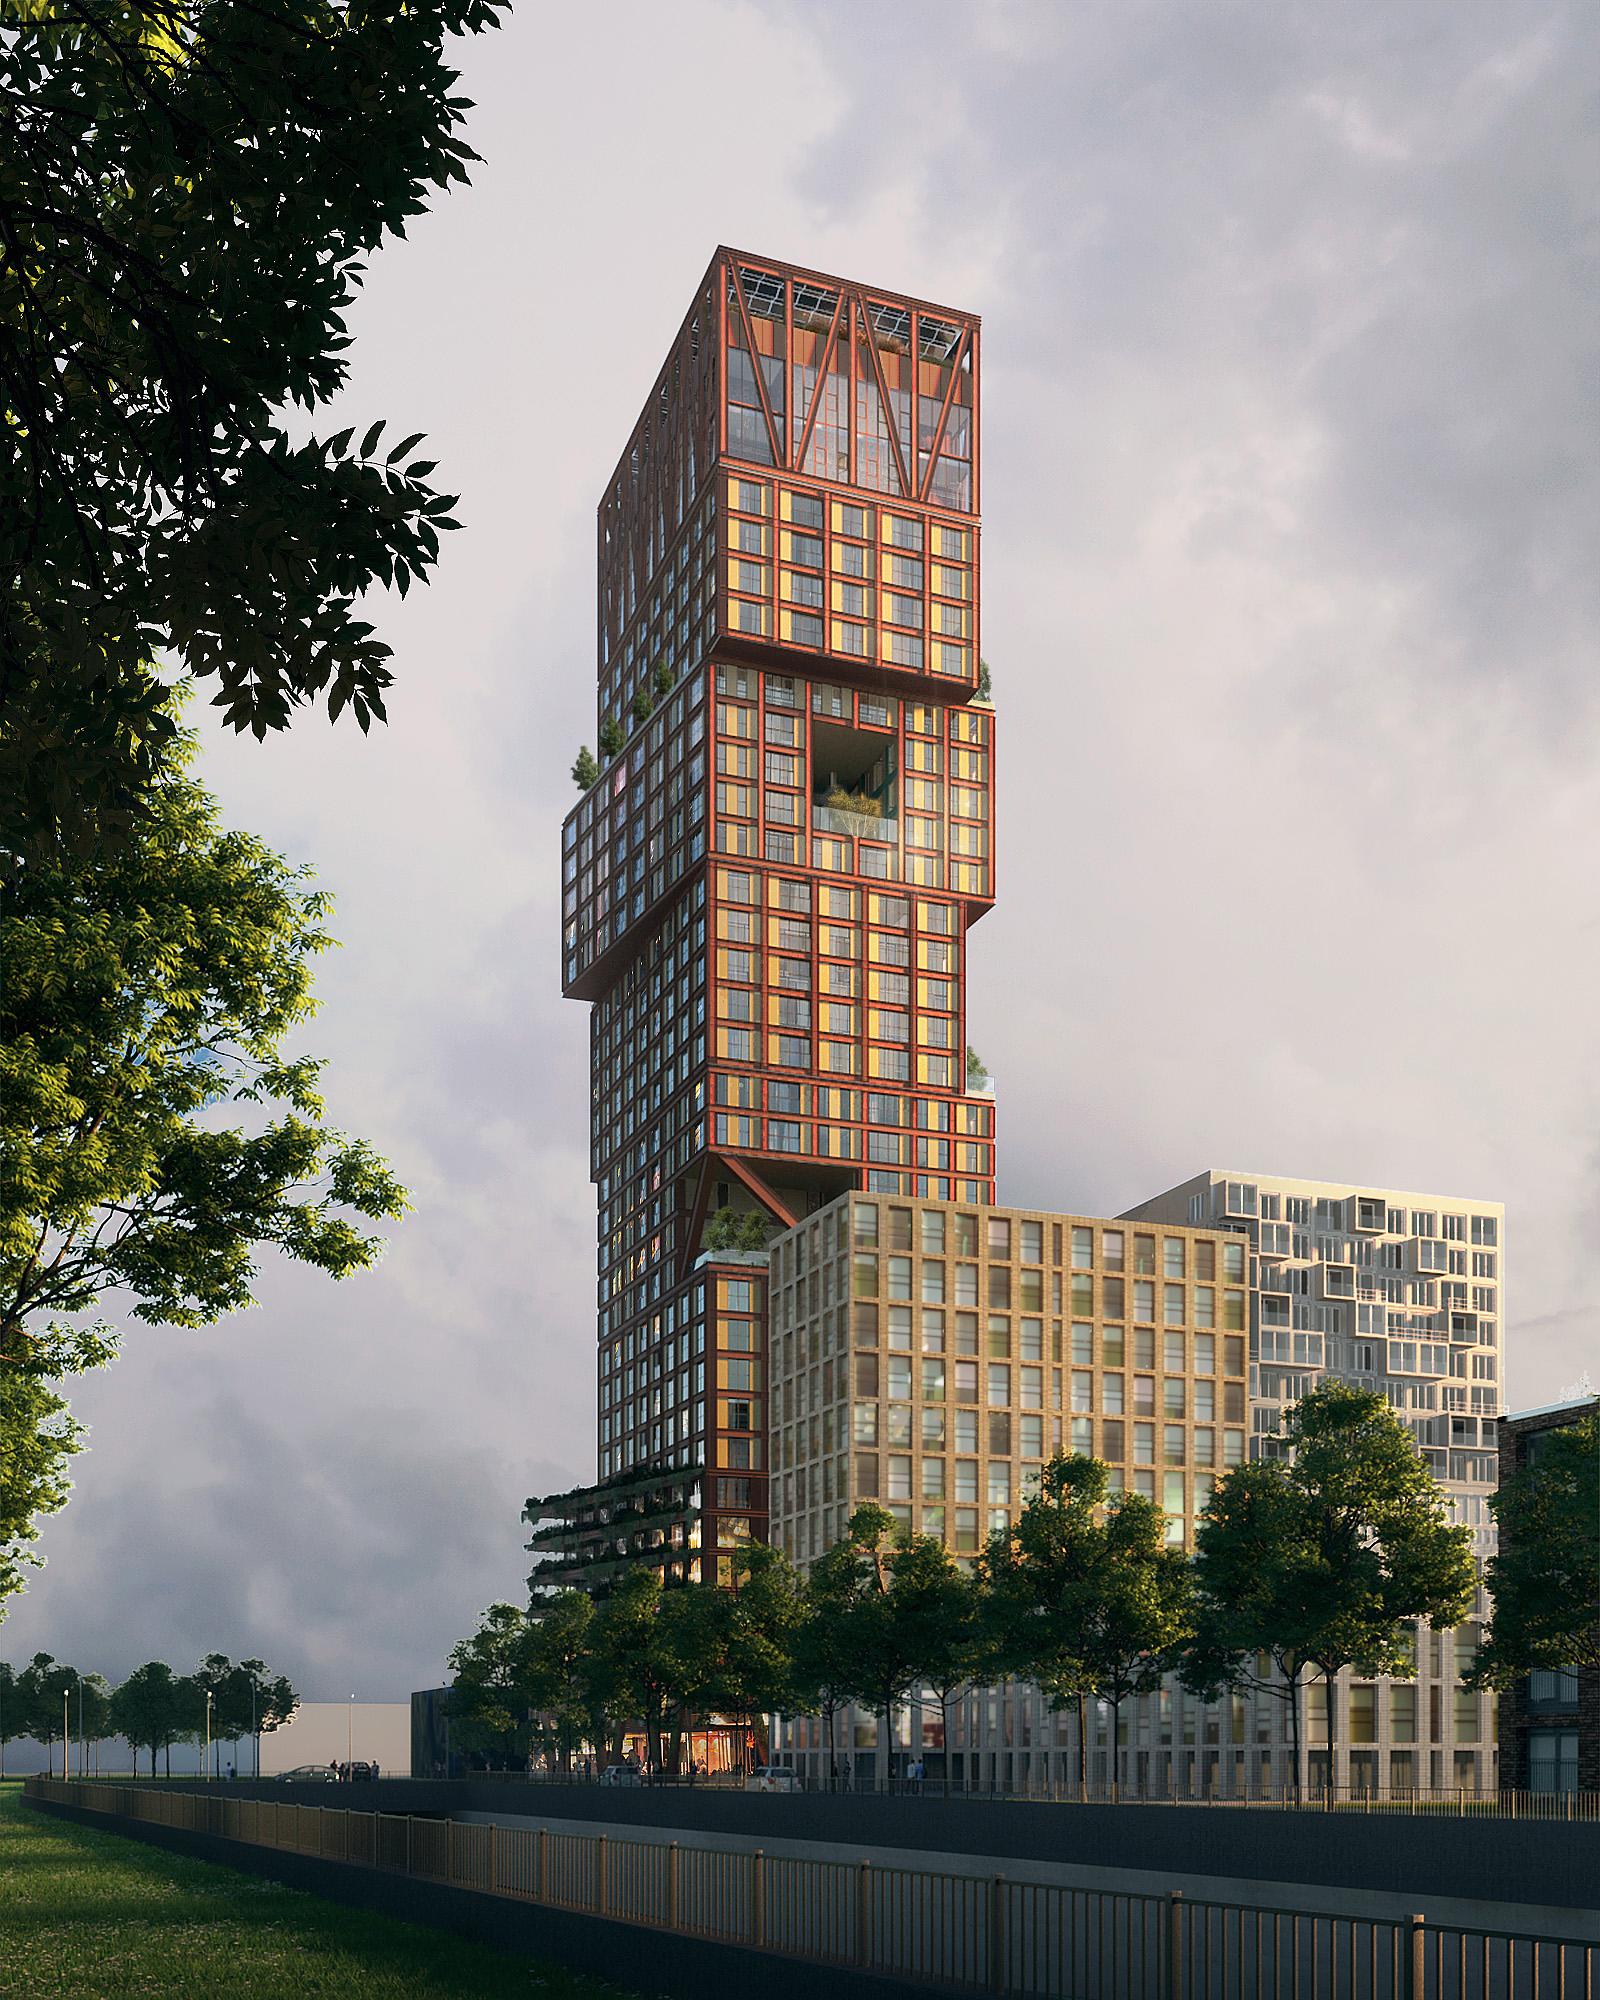 woontoren Binck Blocks op de binckhorst ontwerp LEVS architecten